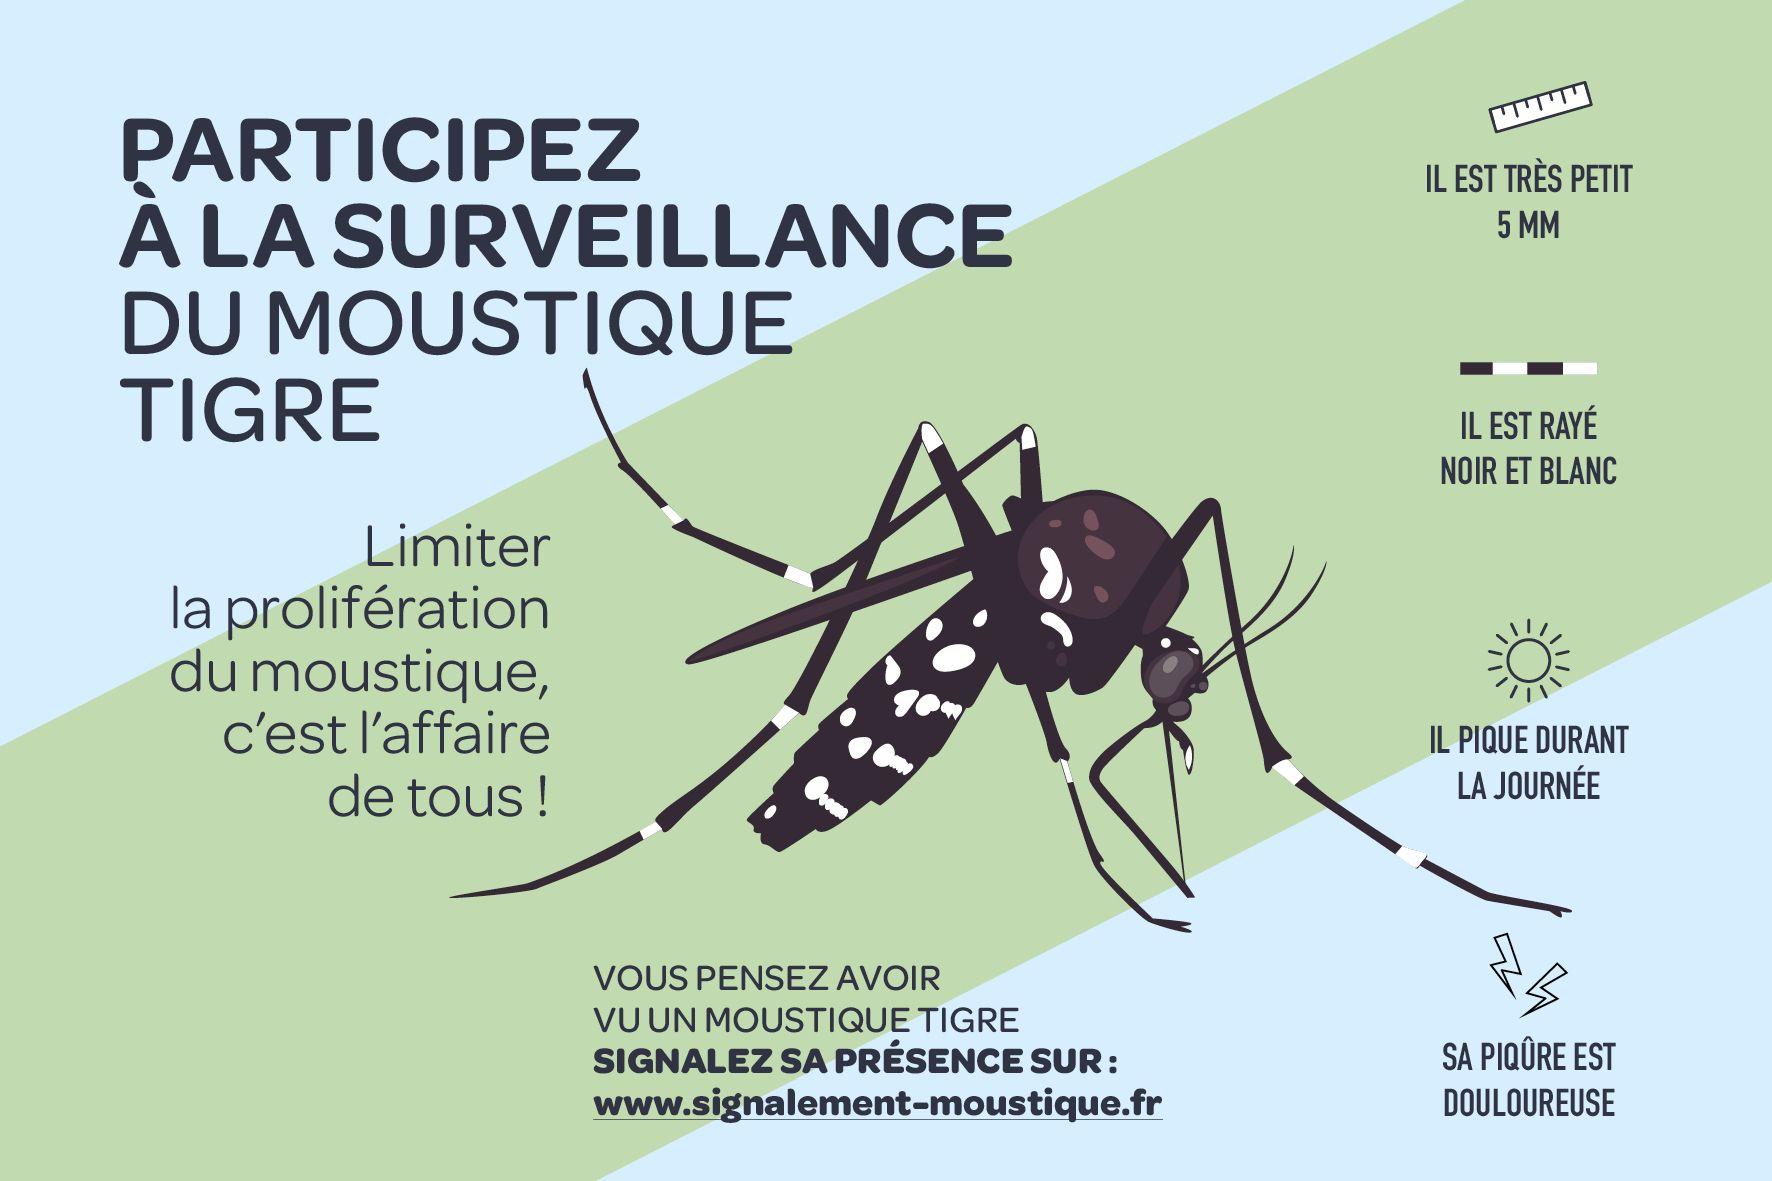 surveilannce moustique tigre.jpg